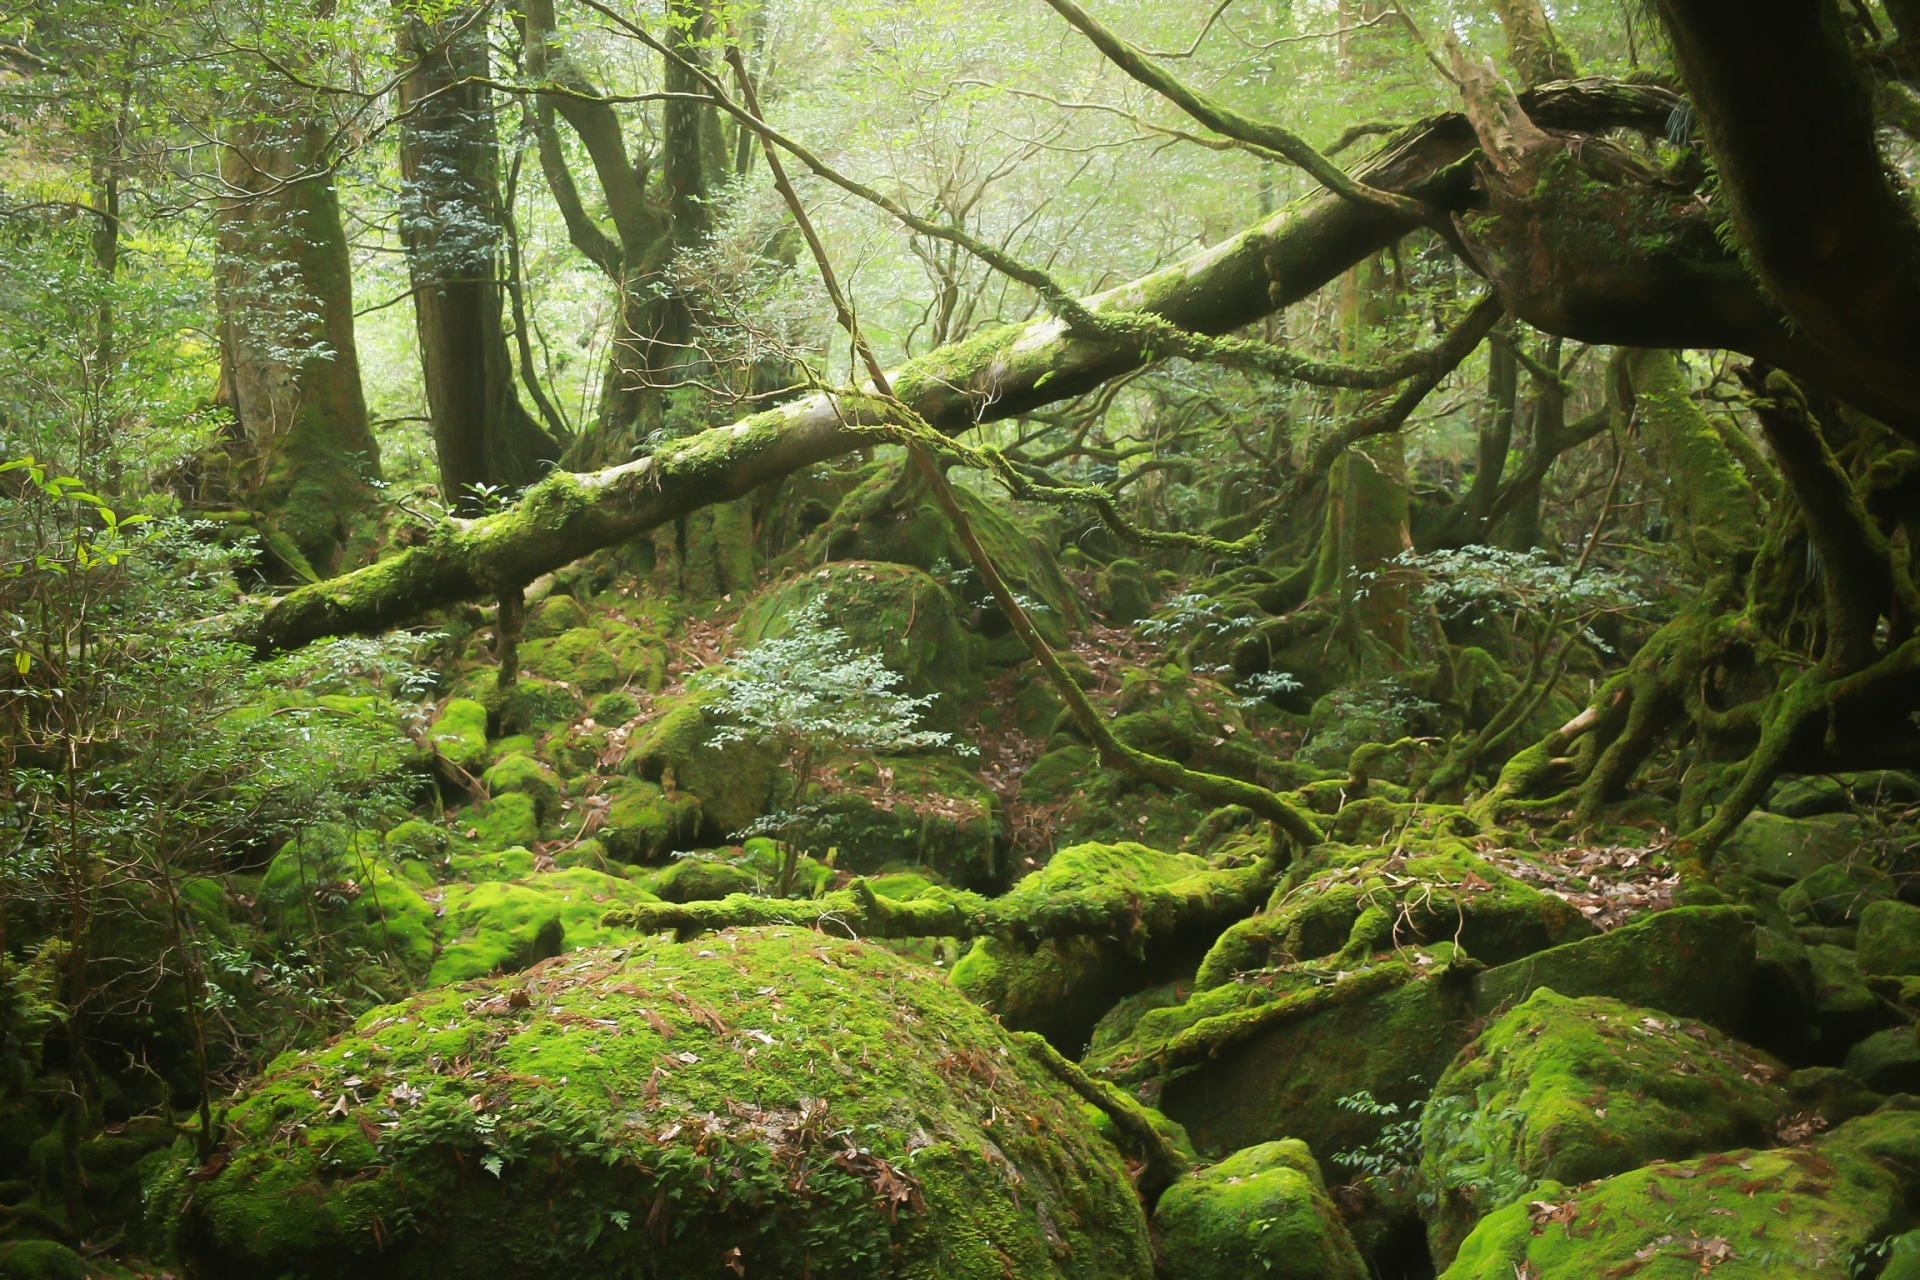 屋久島への行き方(アクセス)や観光マップとベストシーズン